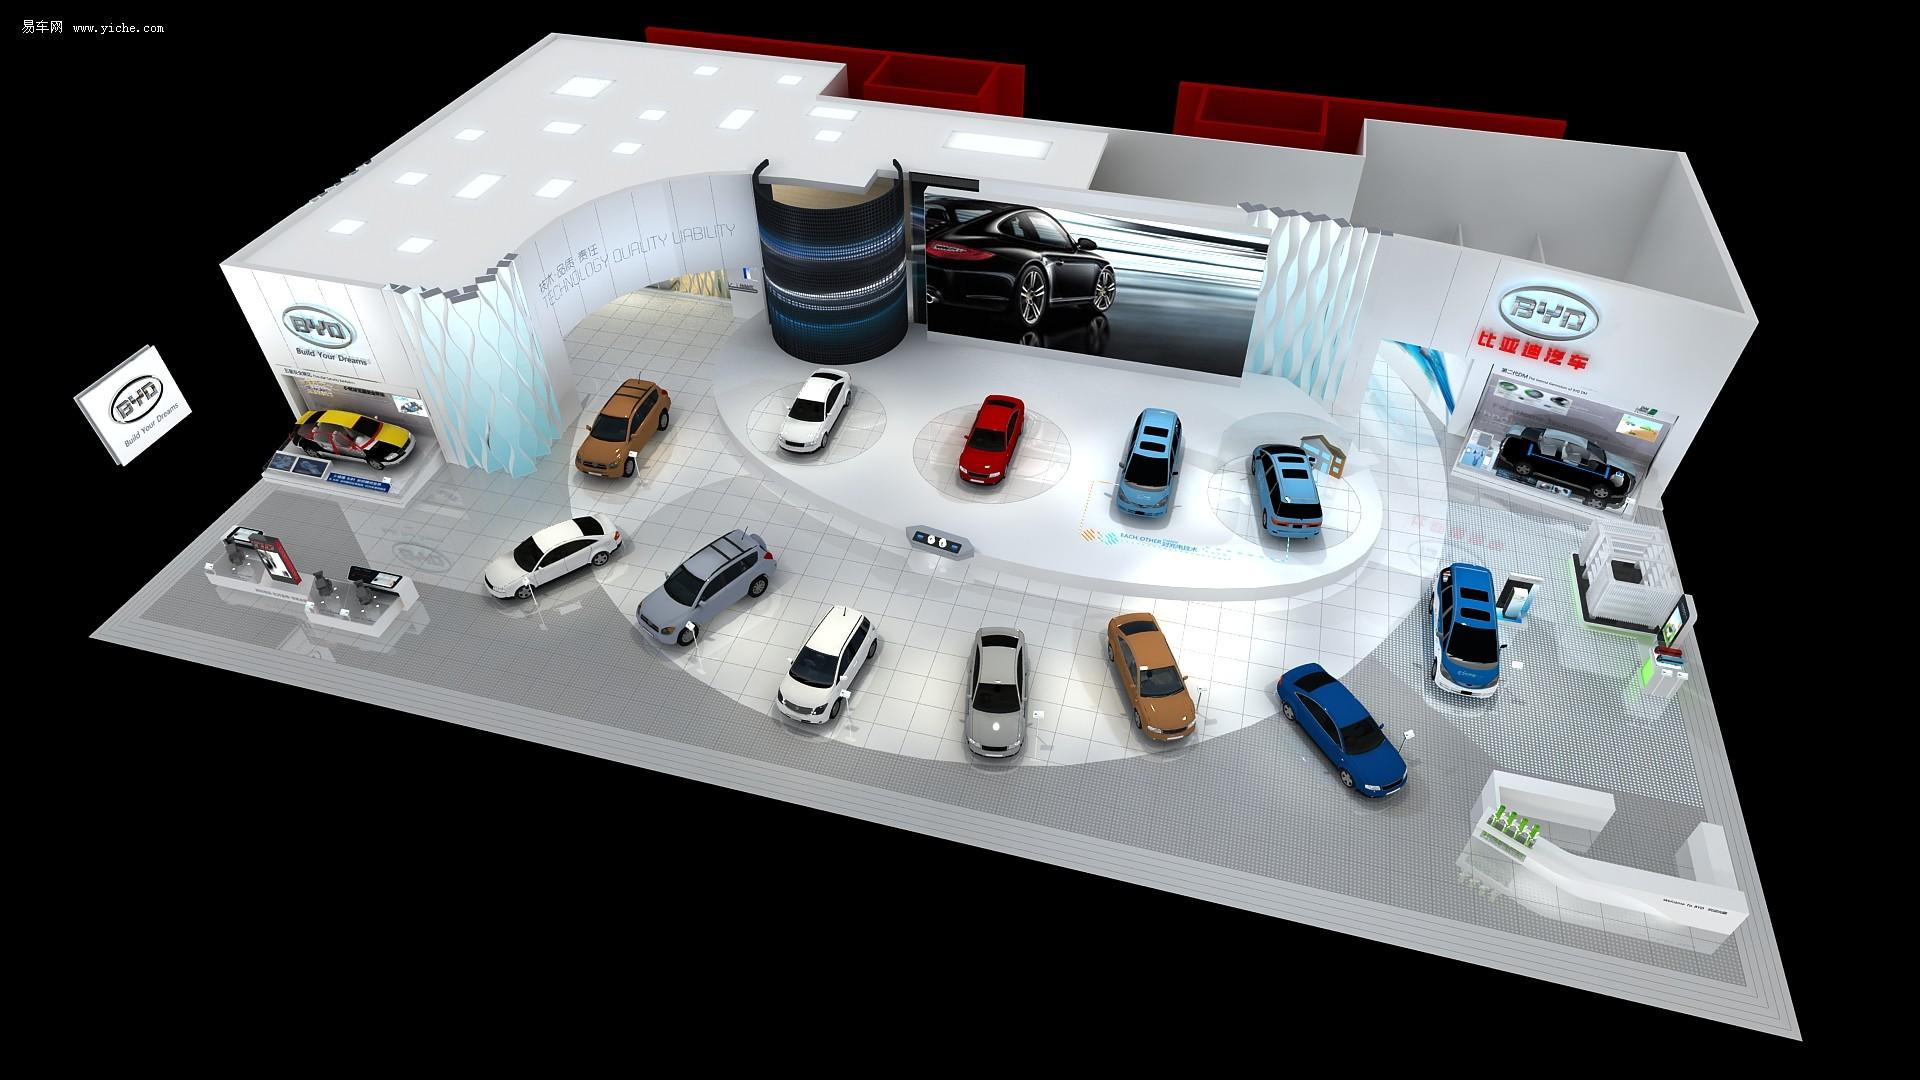 比亚迪展台效果图 比亚迪北京车展阵容公布 f3速锐有看头高清图片